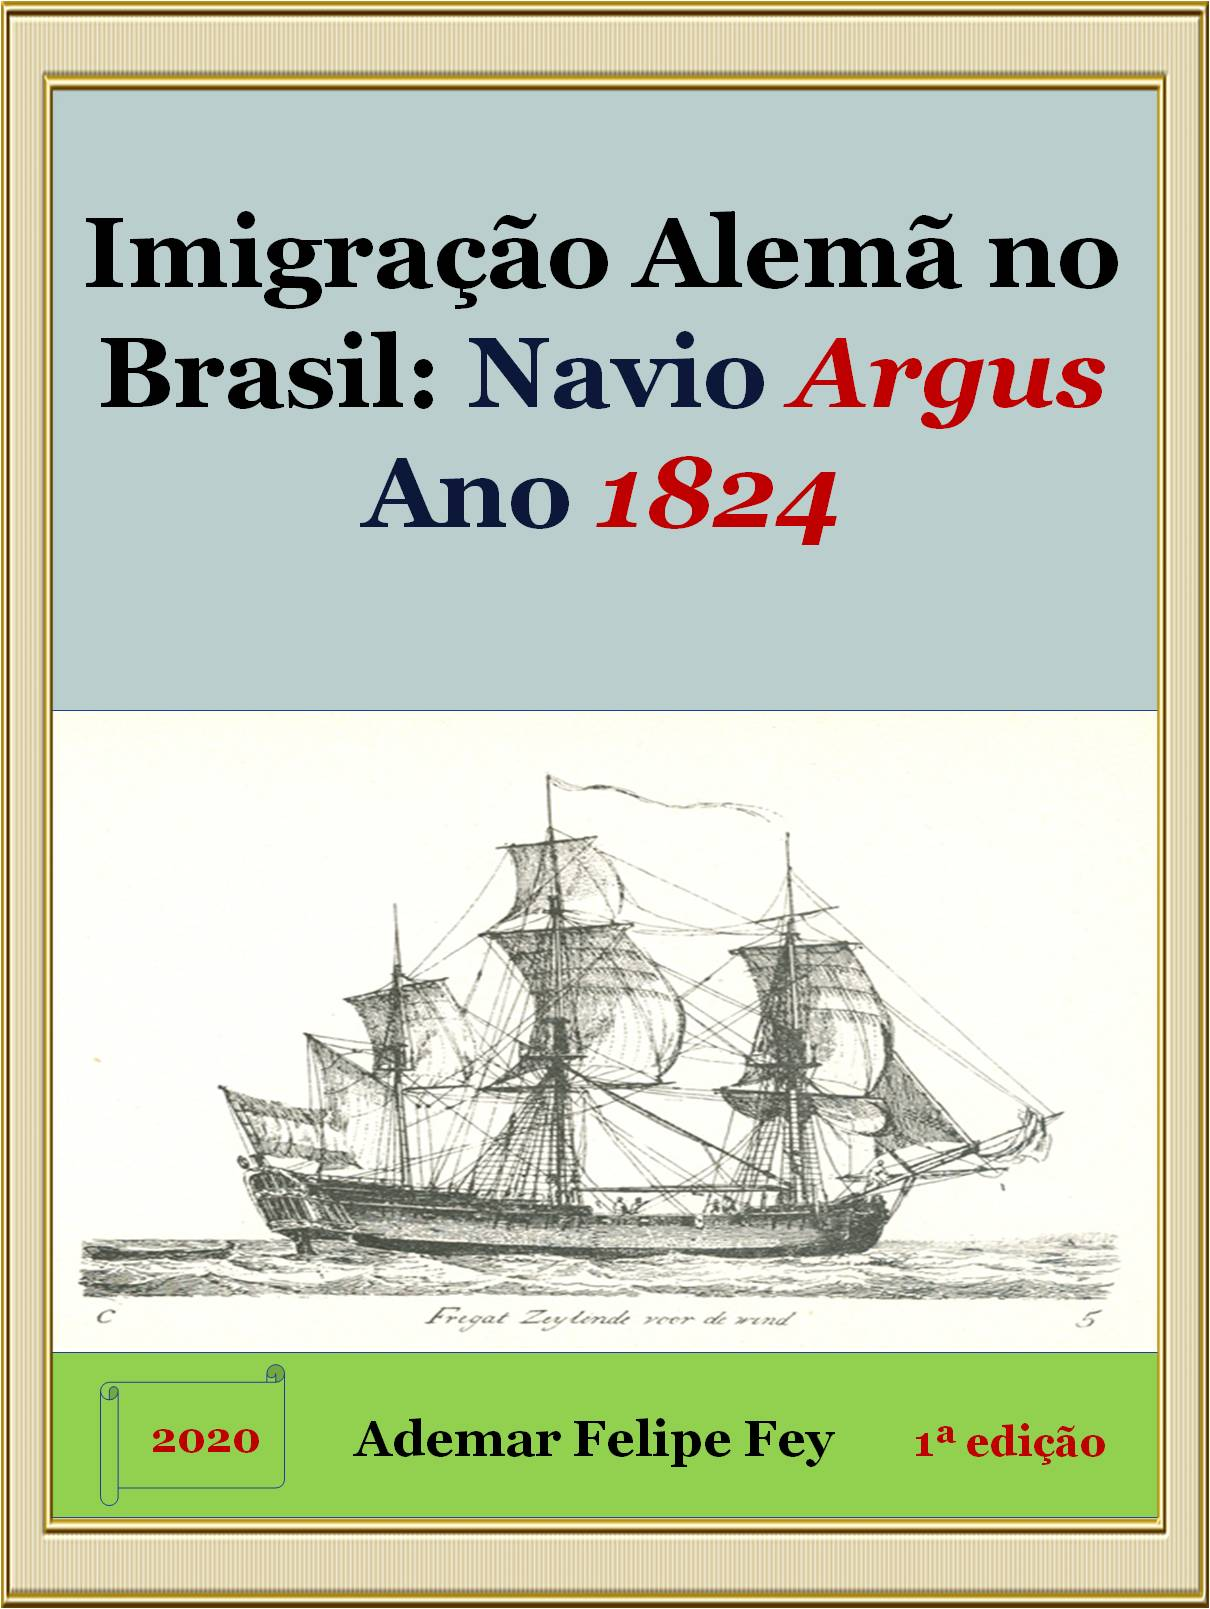 imigração brasil navio argus 1824 1a ed versao 3 blog